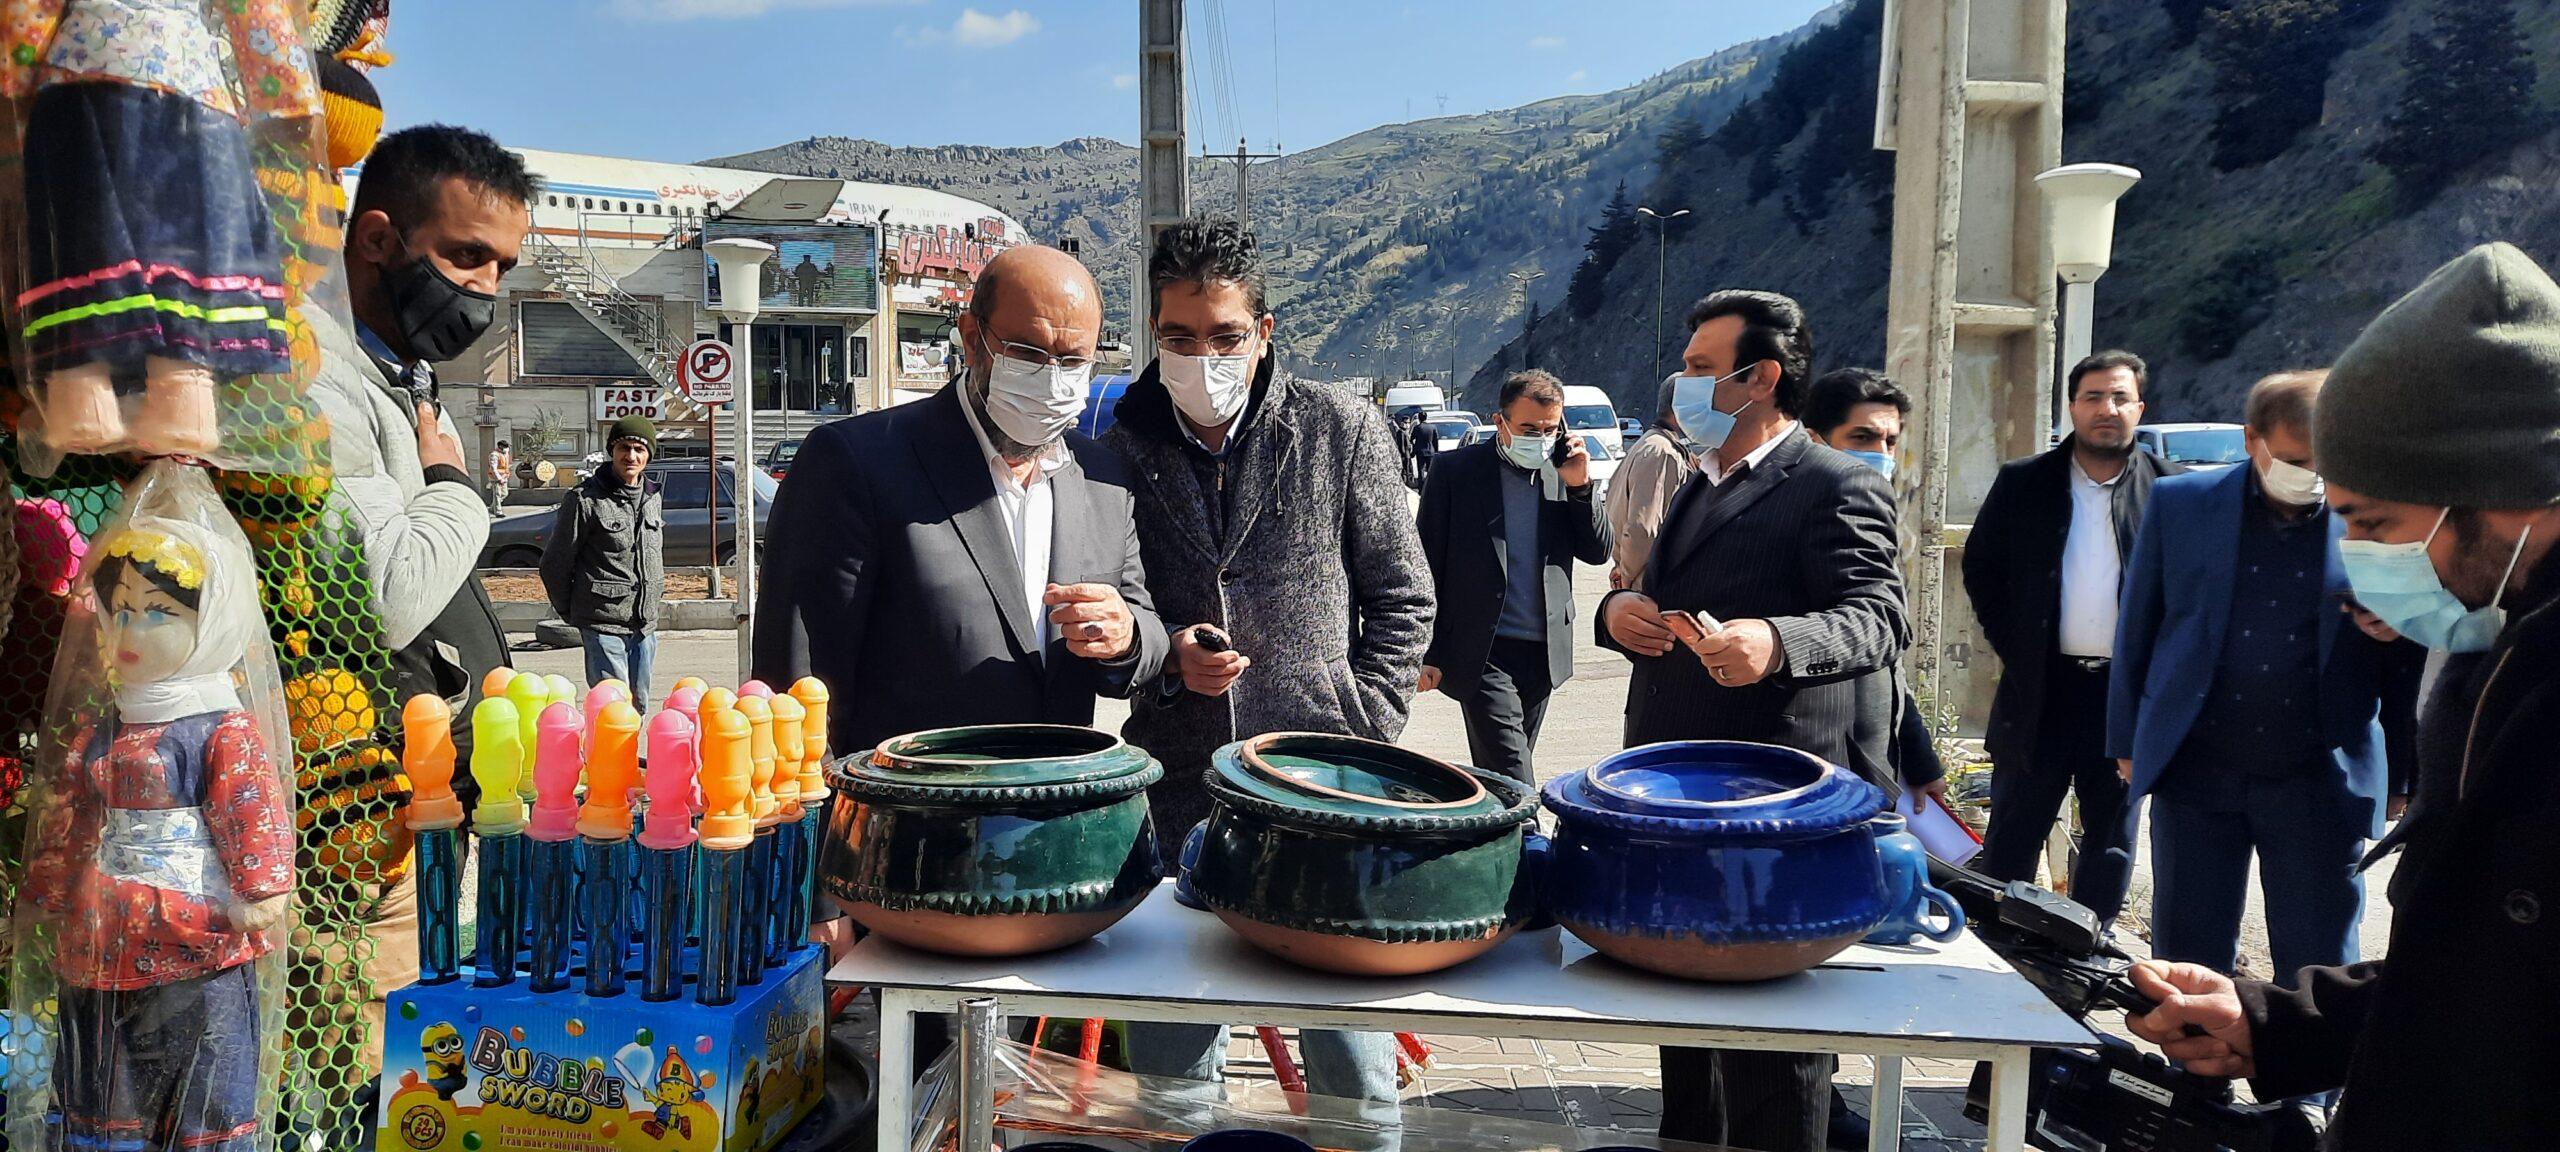 رودبار دروازه ورود به استان زرخیز گیلان است/ قابل قبول نیست احداث باقیمانده آزادراه هویت و حیثیت شهر را دچار مشکل کند